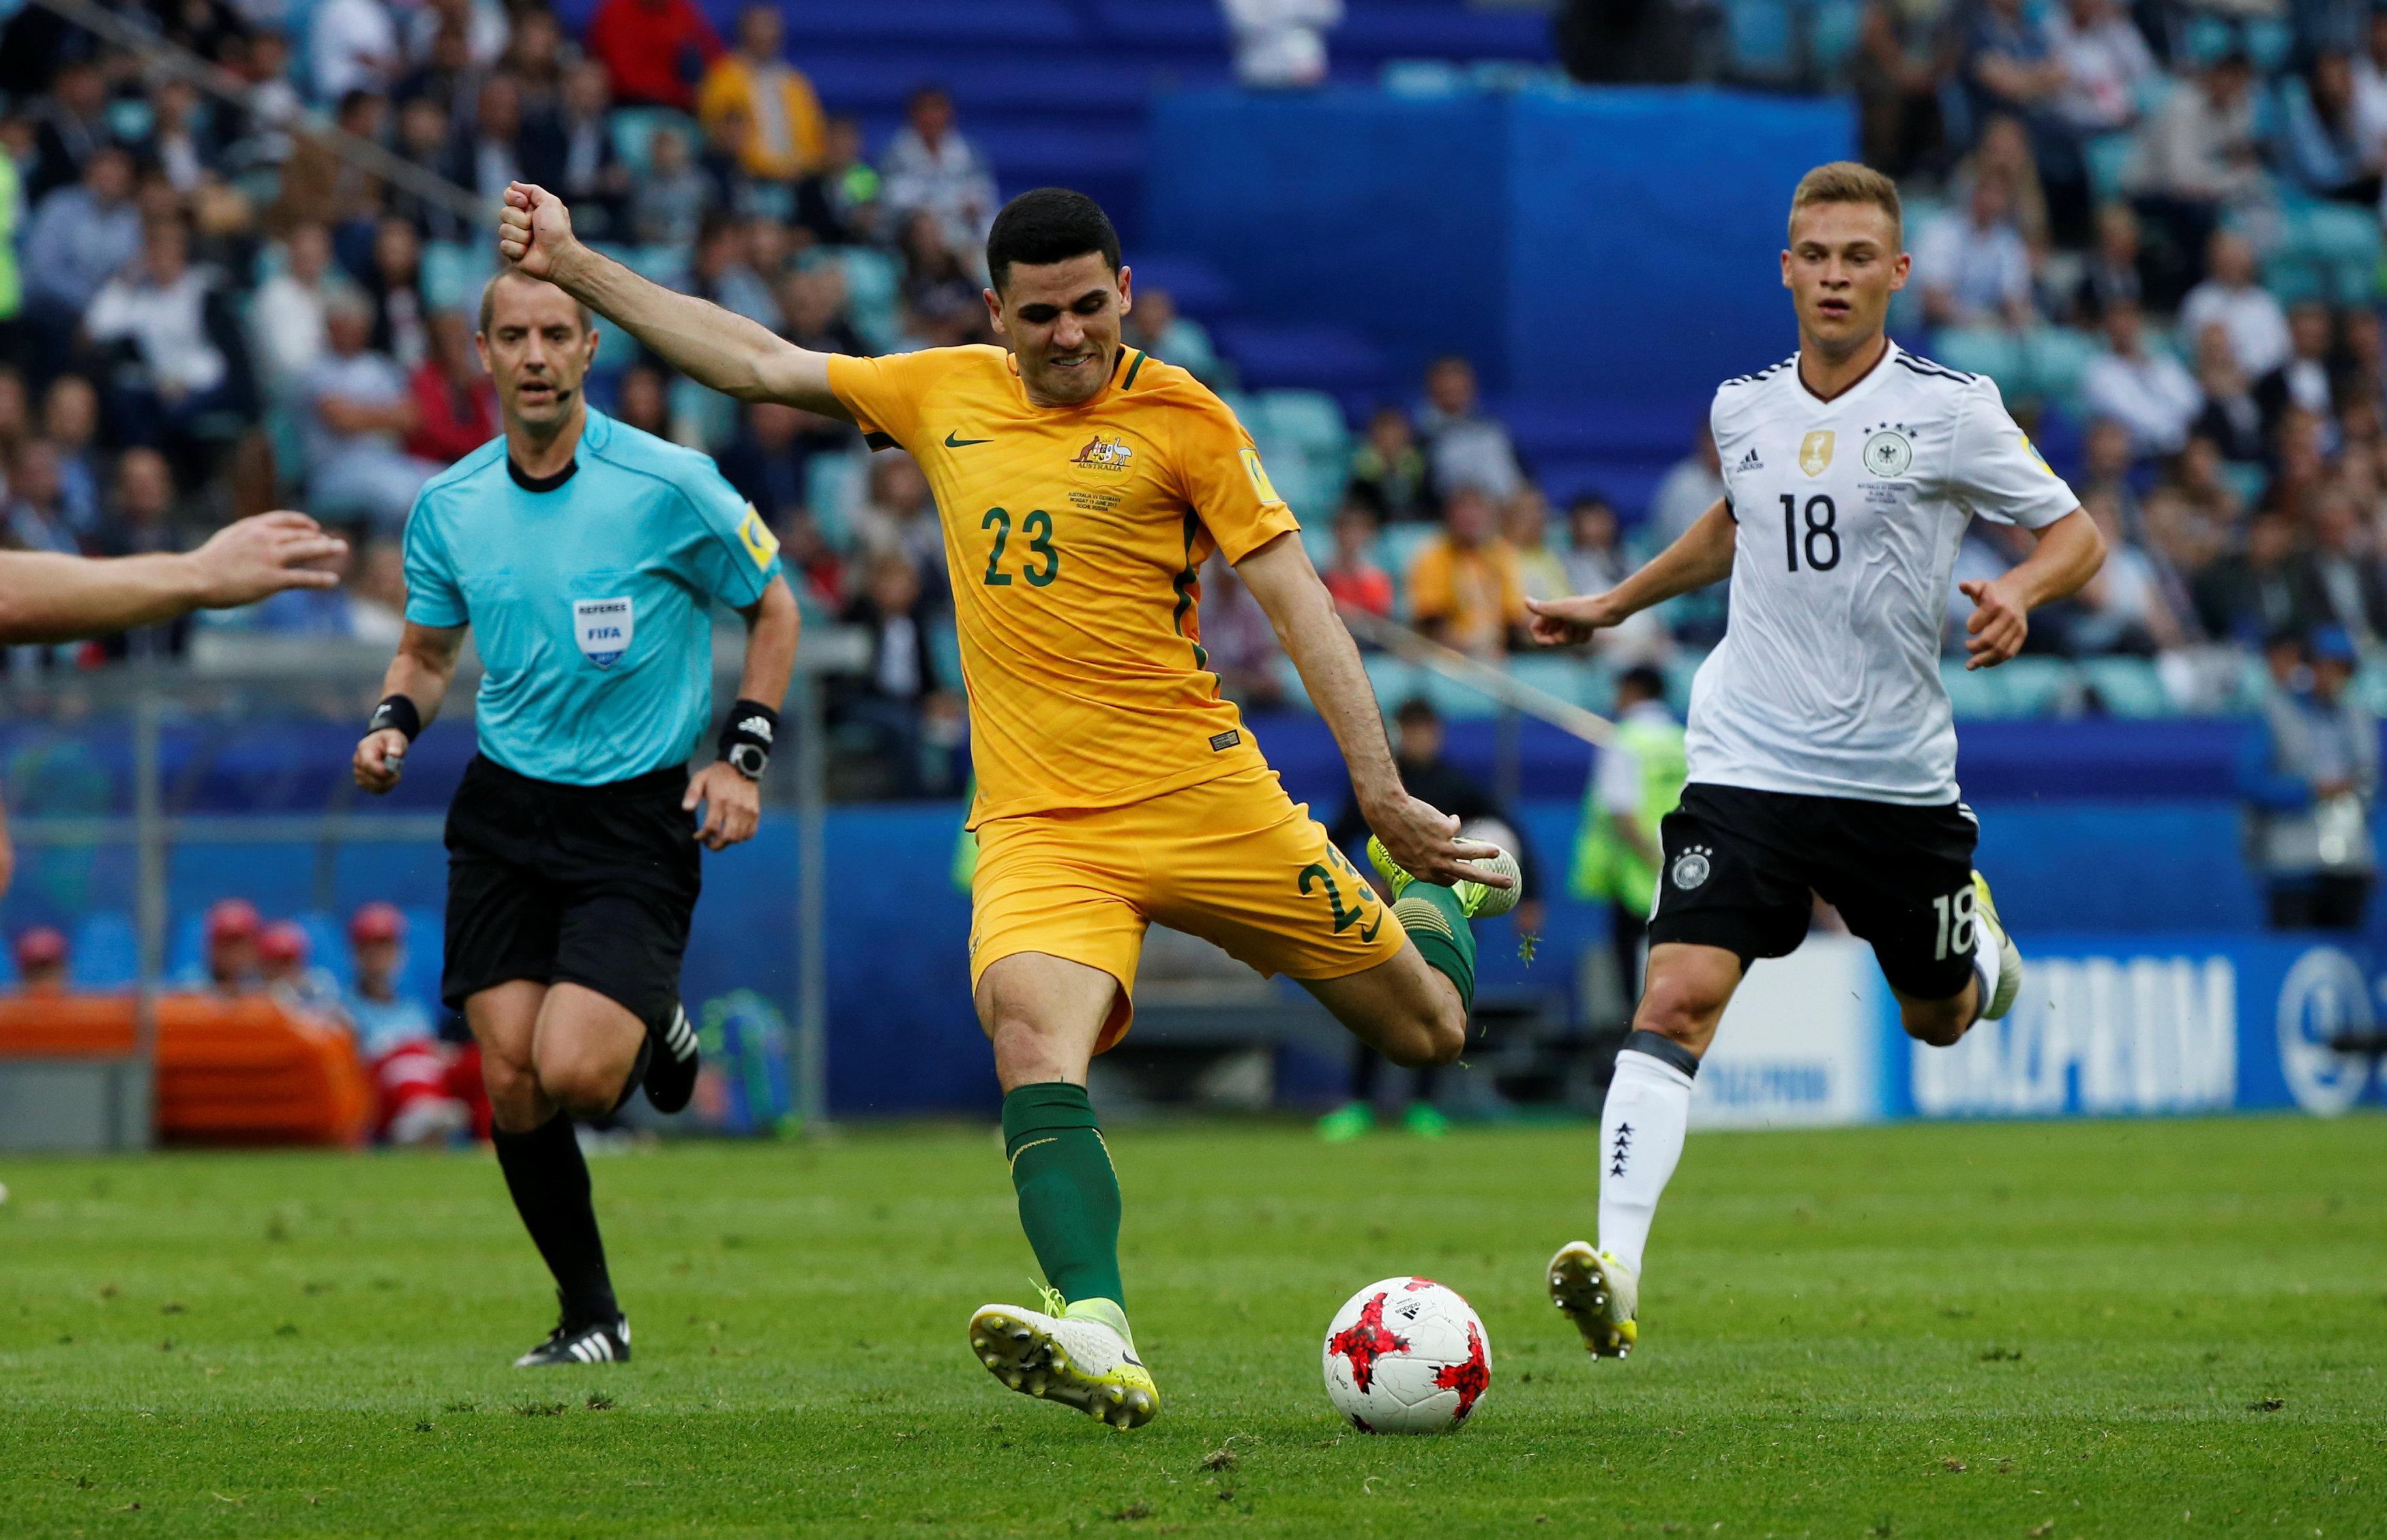 تسديدة قوية من لاعب أستراليا